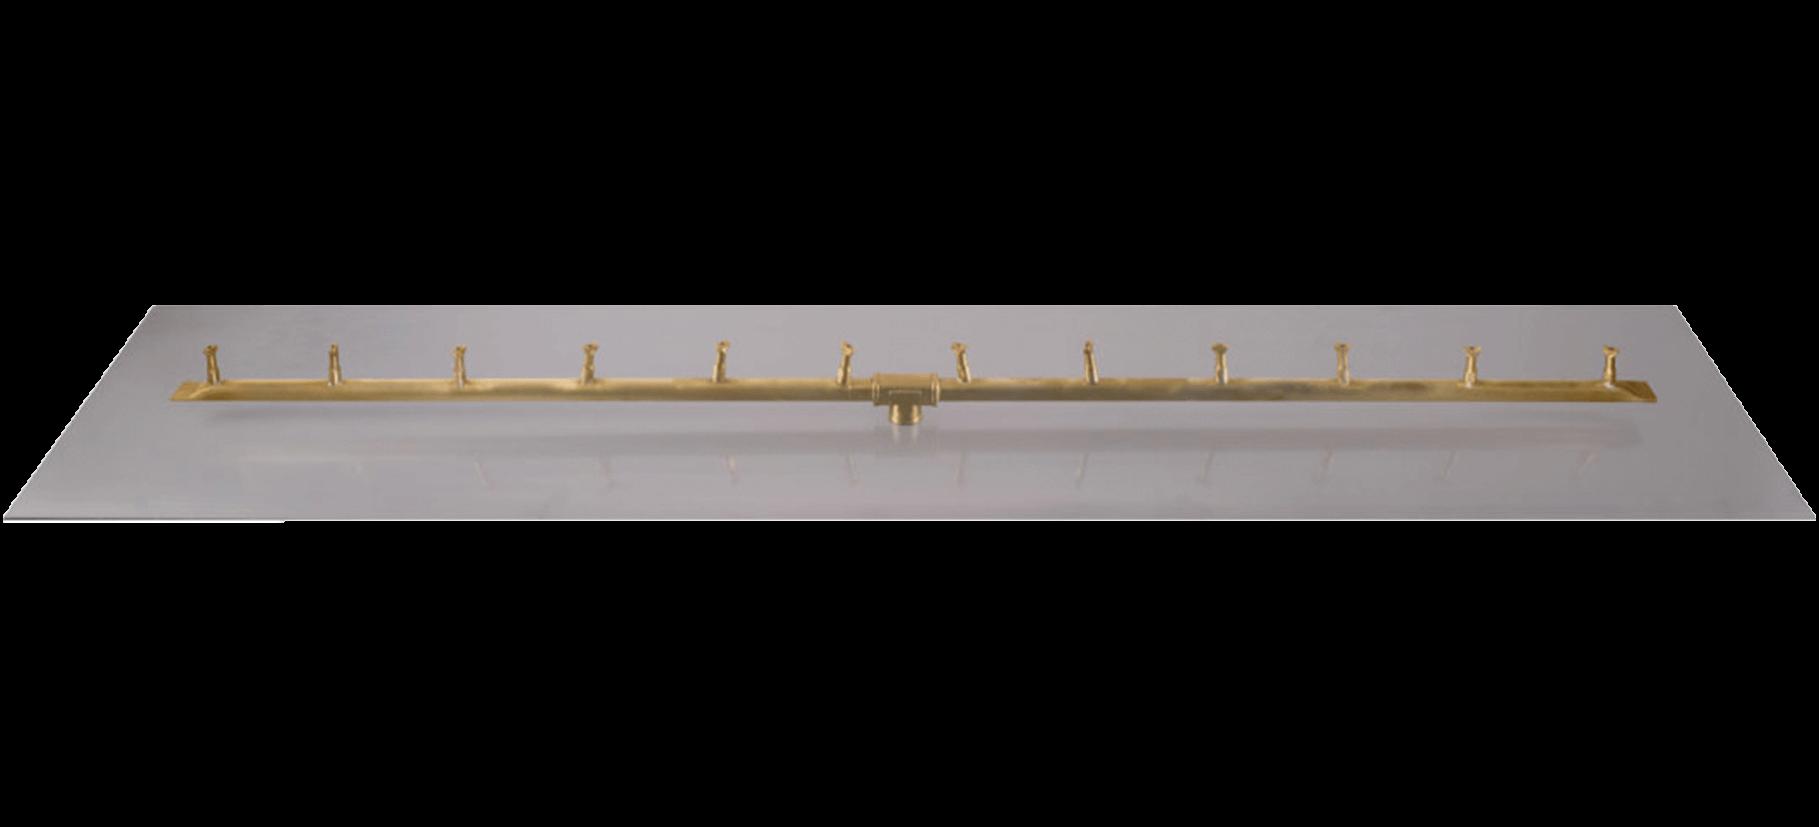 Linear-Bullet-Burner-flat-plate.jpg